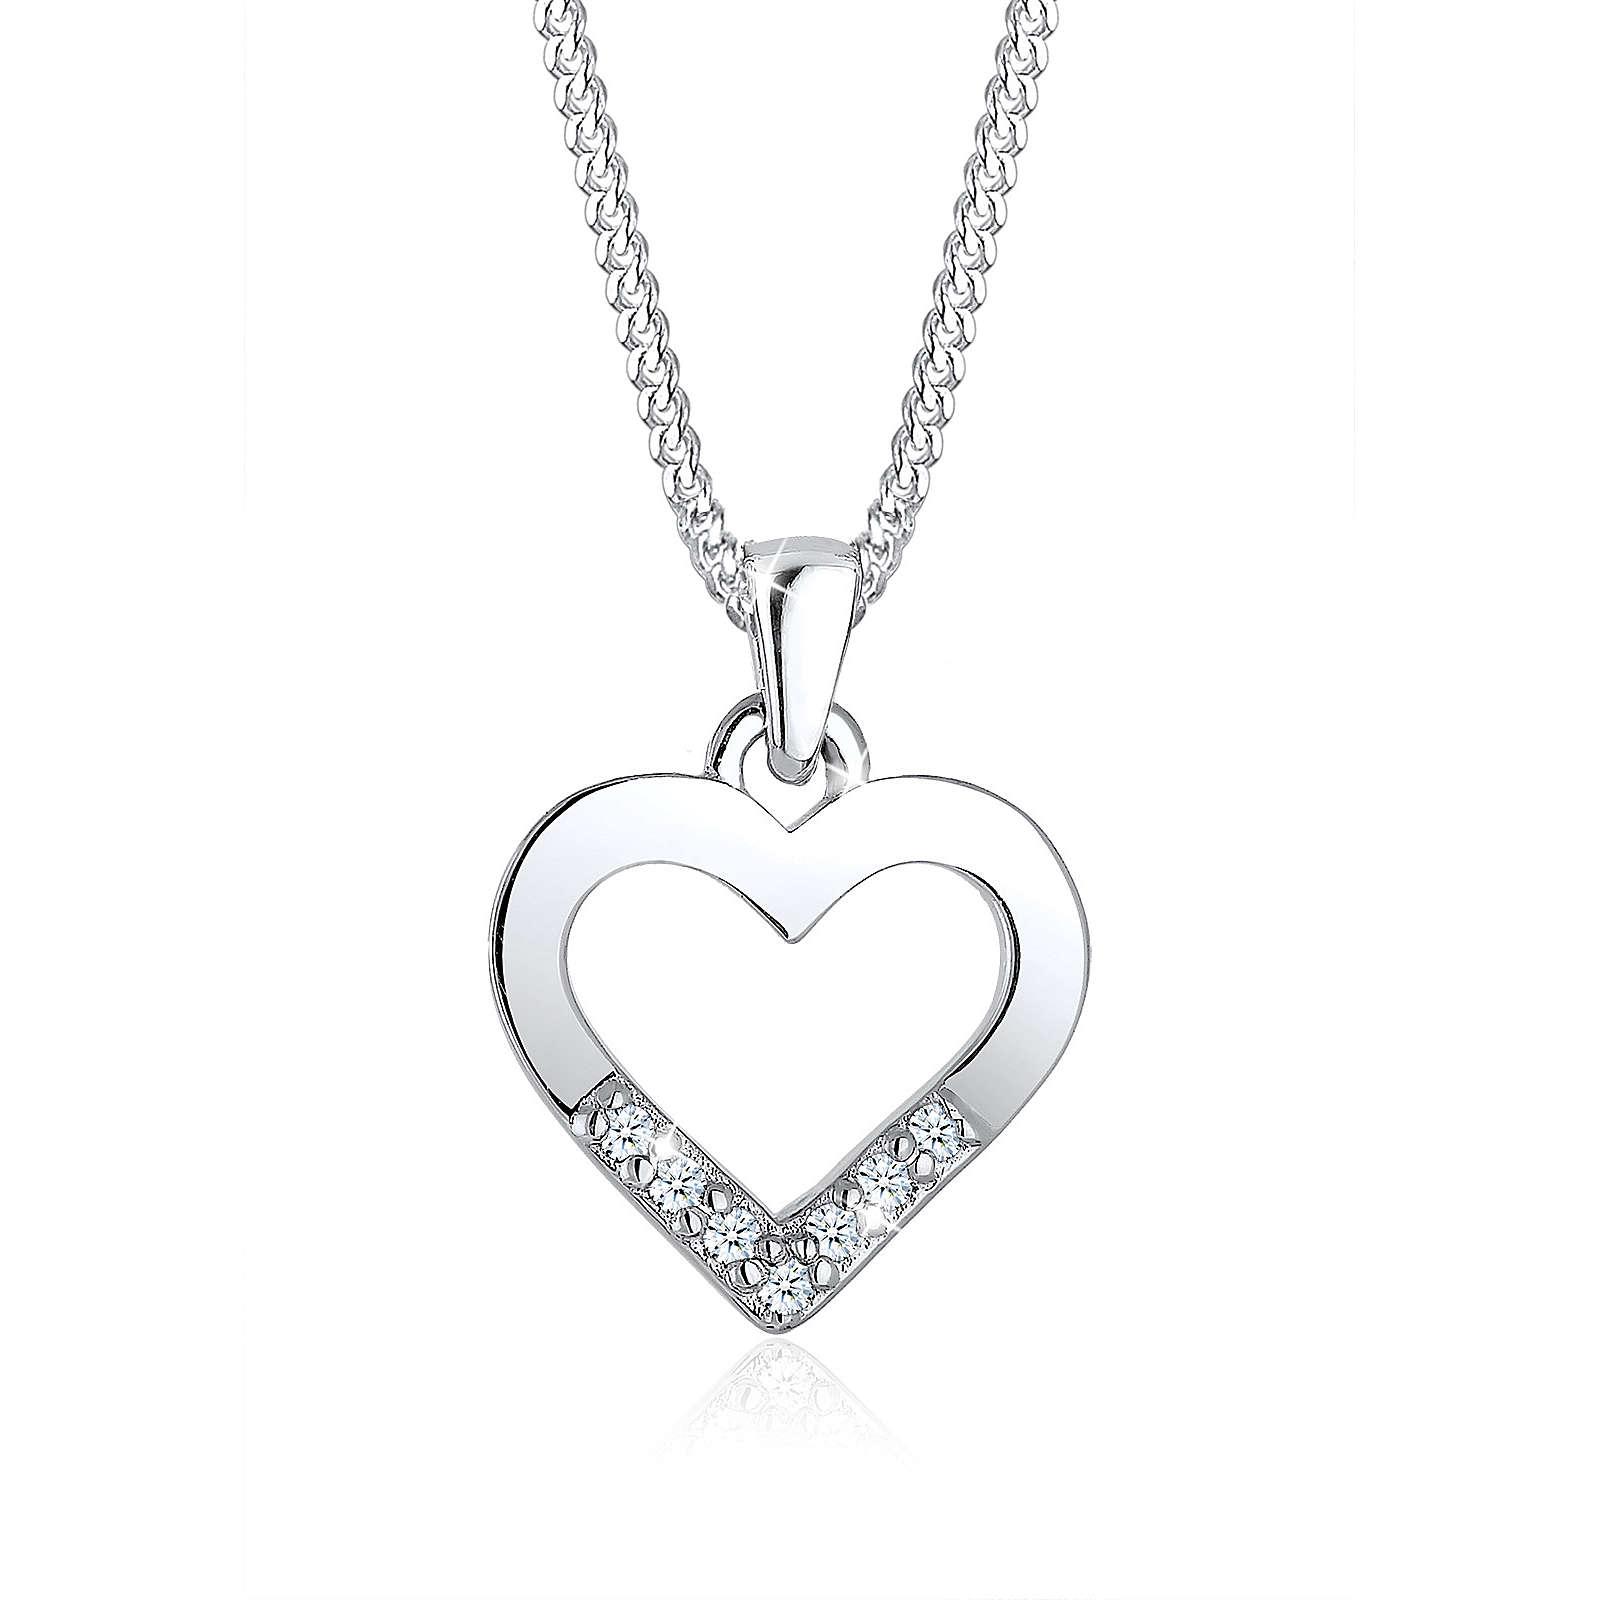 Diamore Halskette Herz Liebe Diamant (0.07 ct.) 925 Silber Halsketten silber Damen Gr. one size